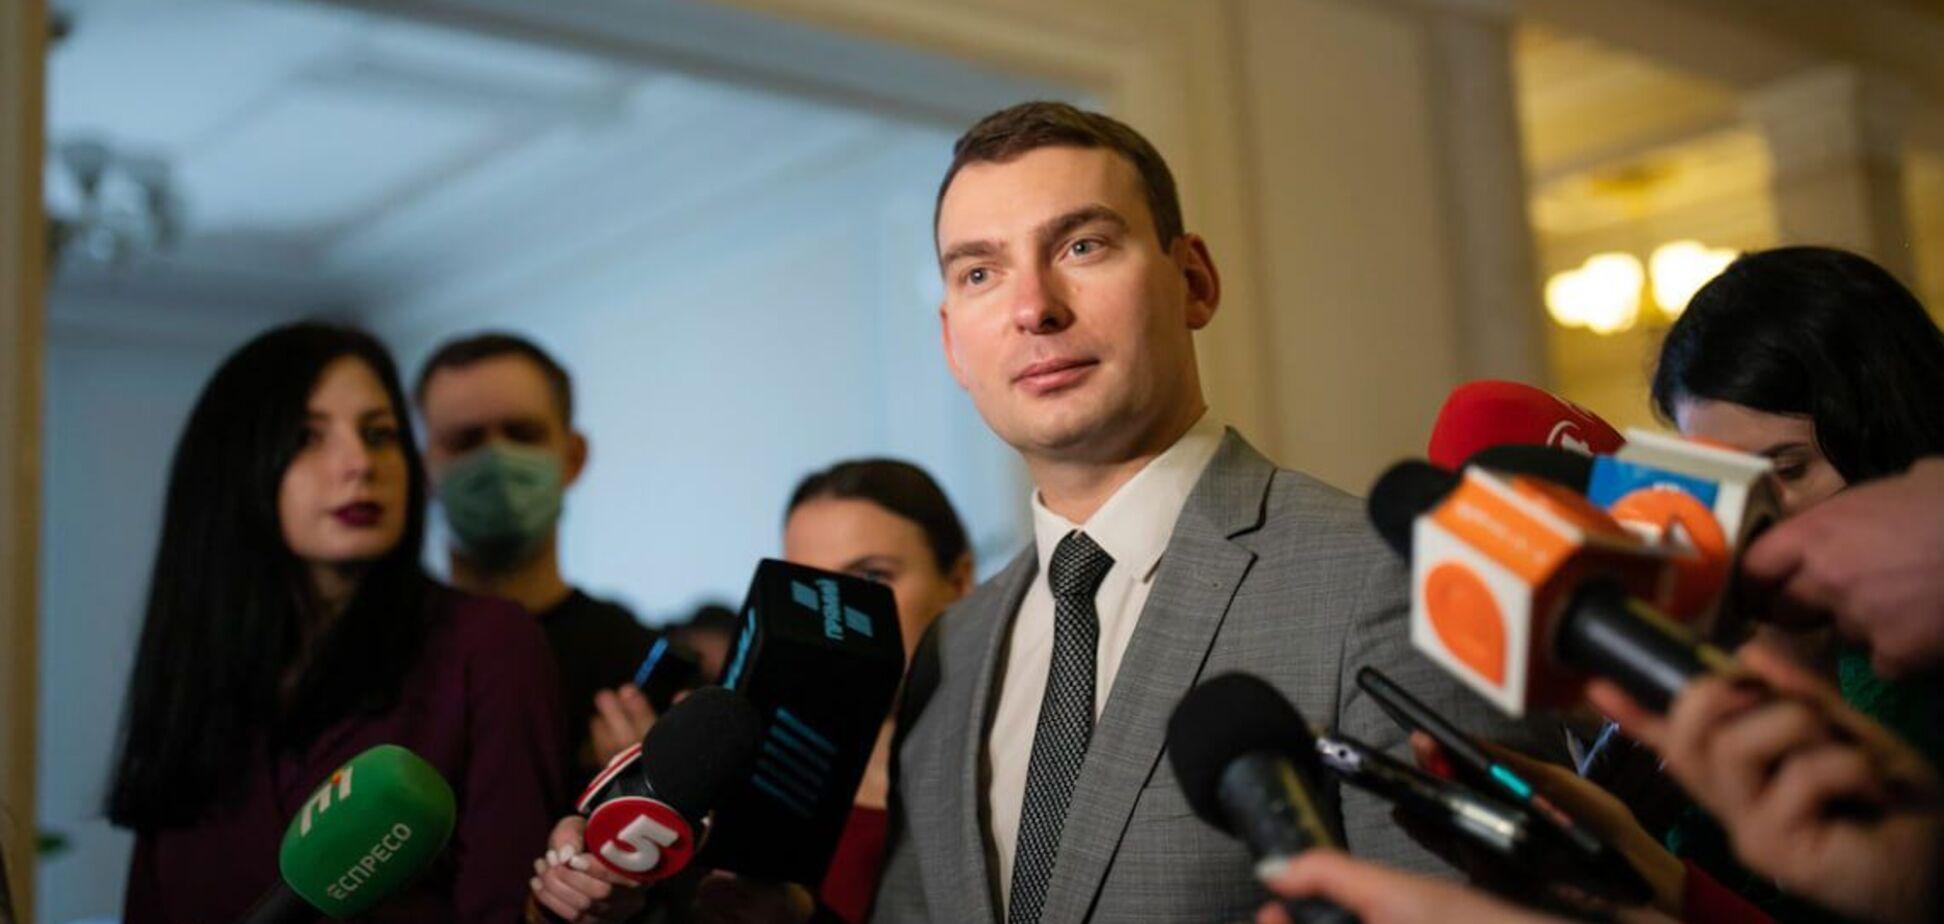 В 'Голосе' настаивают на настоящий реформе судов: Железняк раскритиковал принятый законопроект